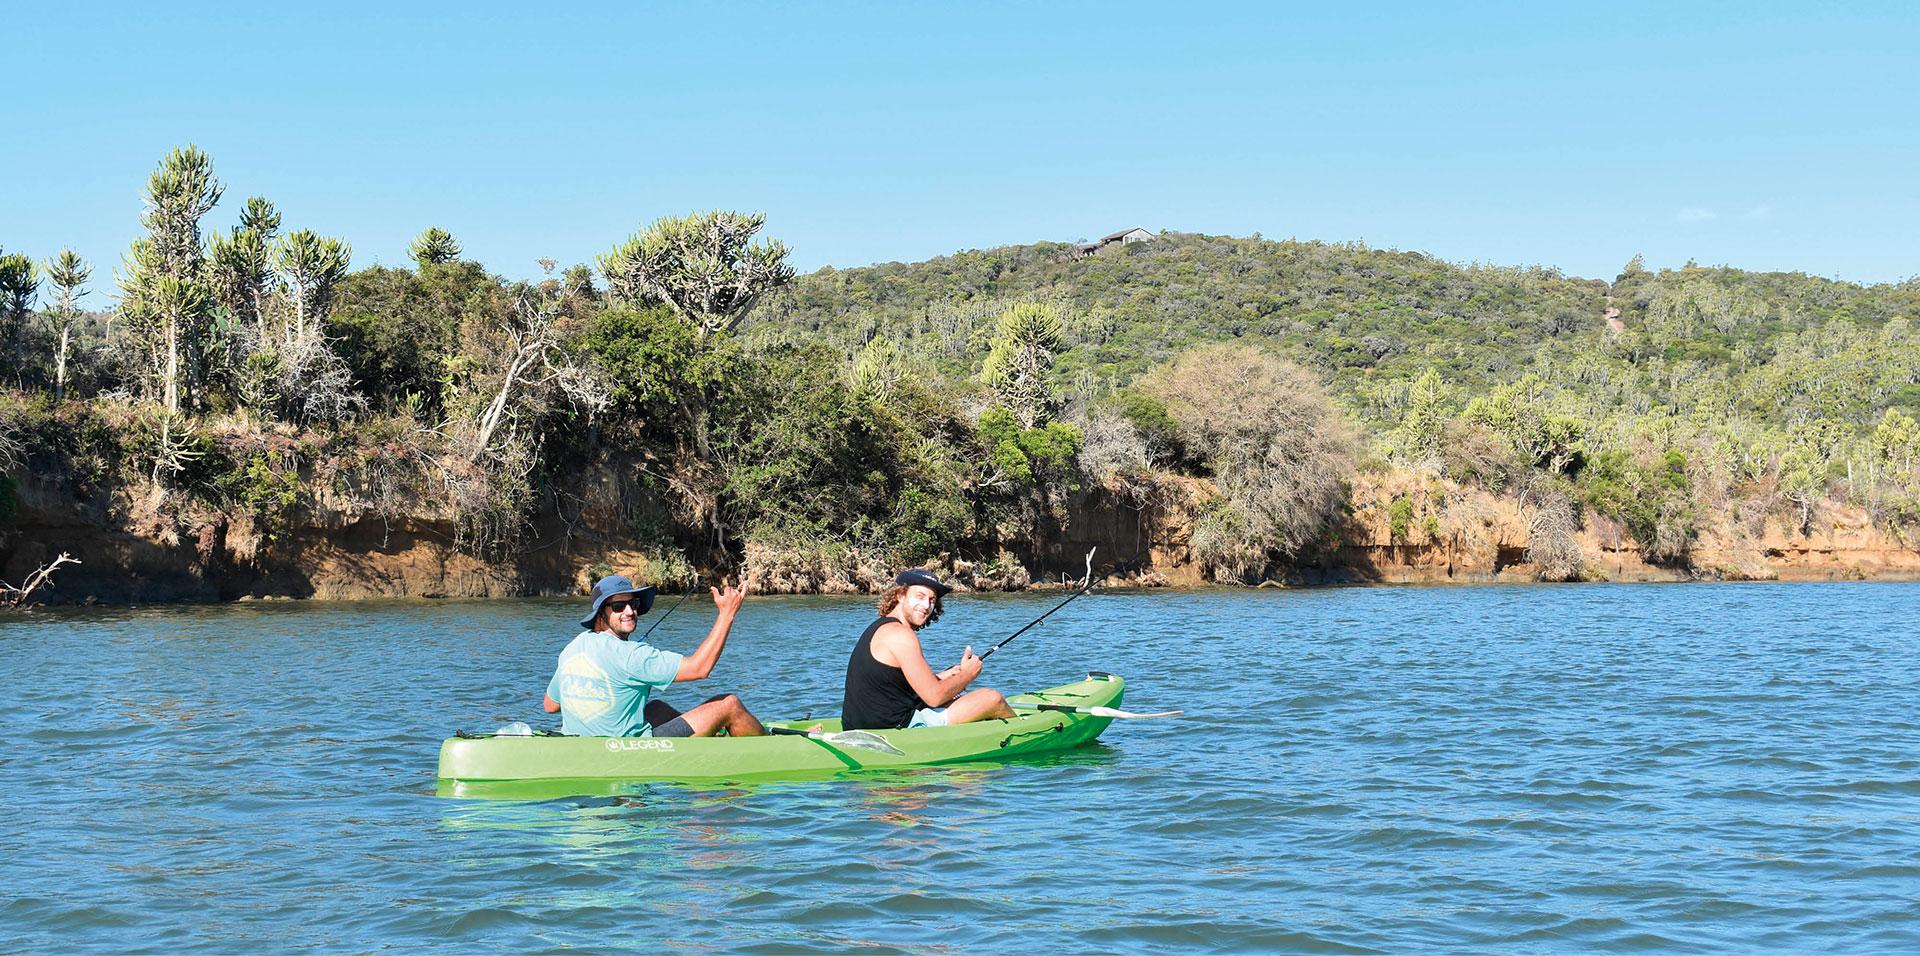 Two men on Kayak